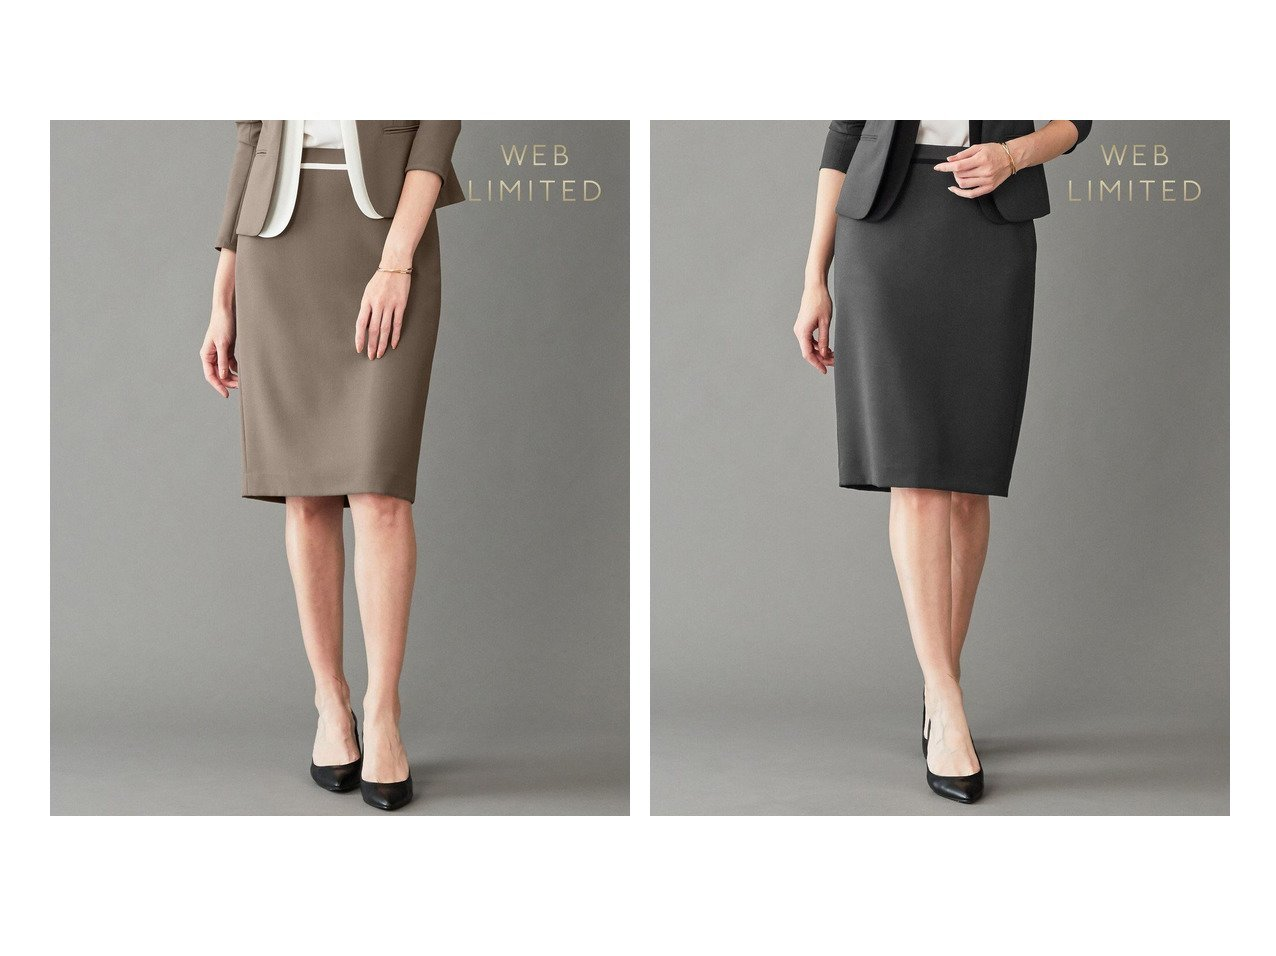 【BEIGE,/ベイジ,】の【WEB限定・完全受注生産】 スカート 【スカート】おすすめ!人気、トレンド・レディースファッションの通販 おすすめで人気の流行・トレンド、ファッションの通販商品 インテリア・家具・メンズファッション・キッズファッション・レディースファッション・服の通販 founy(ファニー) https://founy.com/ ファッション Fashion レディースファッション WOMEN スカート Skirt イタリア 今季 スタイリッシュ ストレッチ スーツ セットアップ タイトスカート 定番 Standard フィット ベーシック A/W・秋冬 AW・Autumn/Winter・FW・Fall-Winter 2021年 2021 2021-2022秋冬・A/W AW・Autumn/Winter・FW・Fall-Winter・2021-2022 送料無料 Free Shipping おすすめ Recommend |ID:crp329100000066655